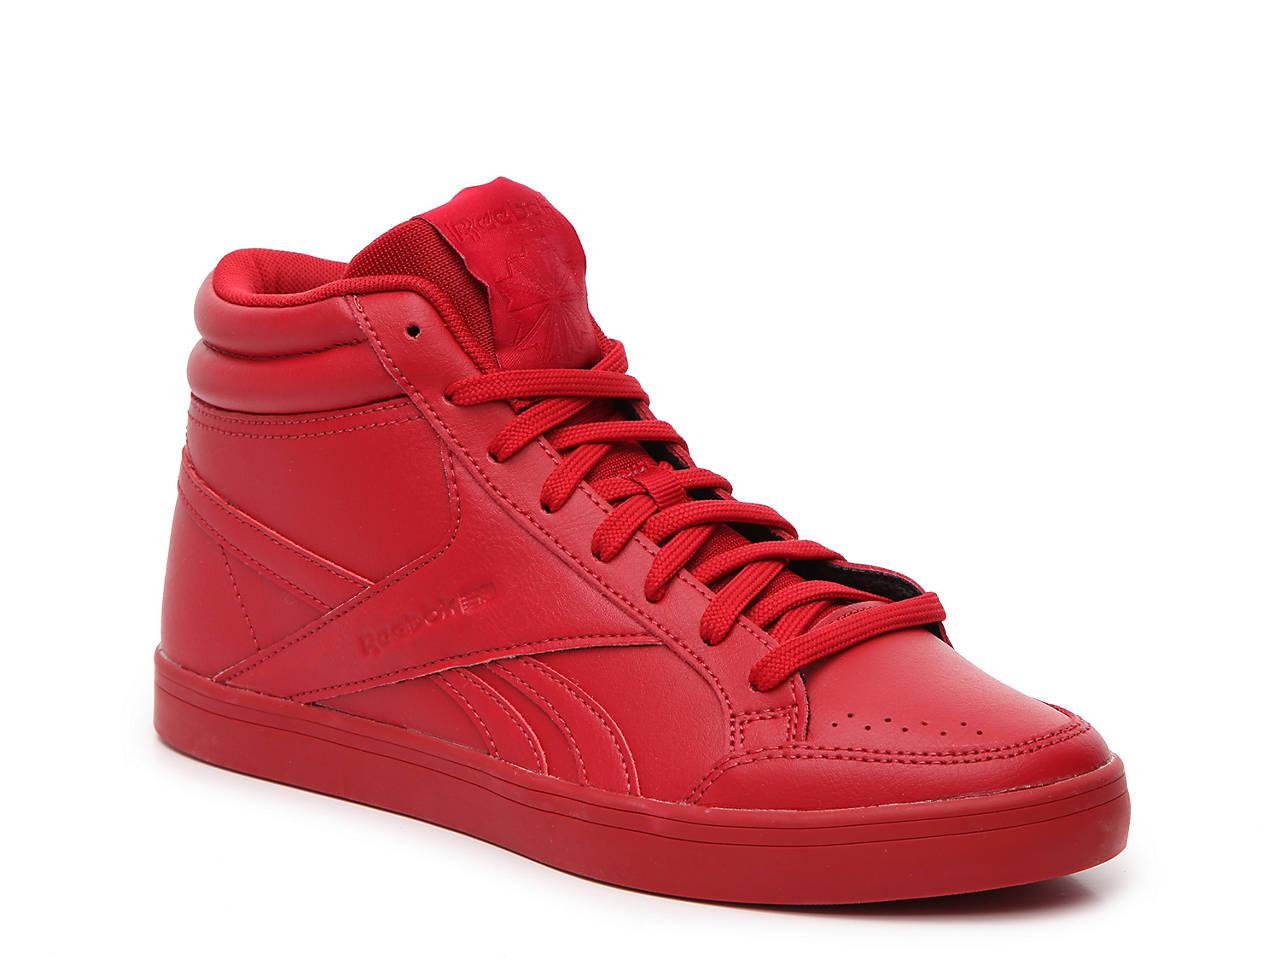 ce45746fc02a Reebok Royal Aspire 2 Mid-Top Sneaker - Women s Women s Shoes